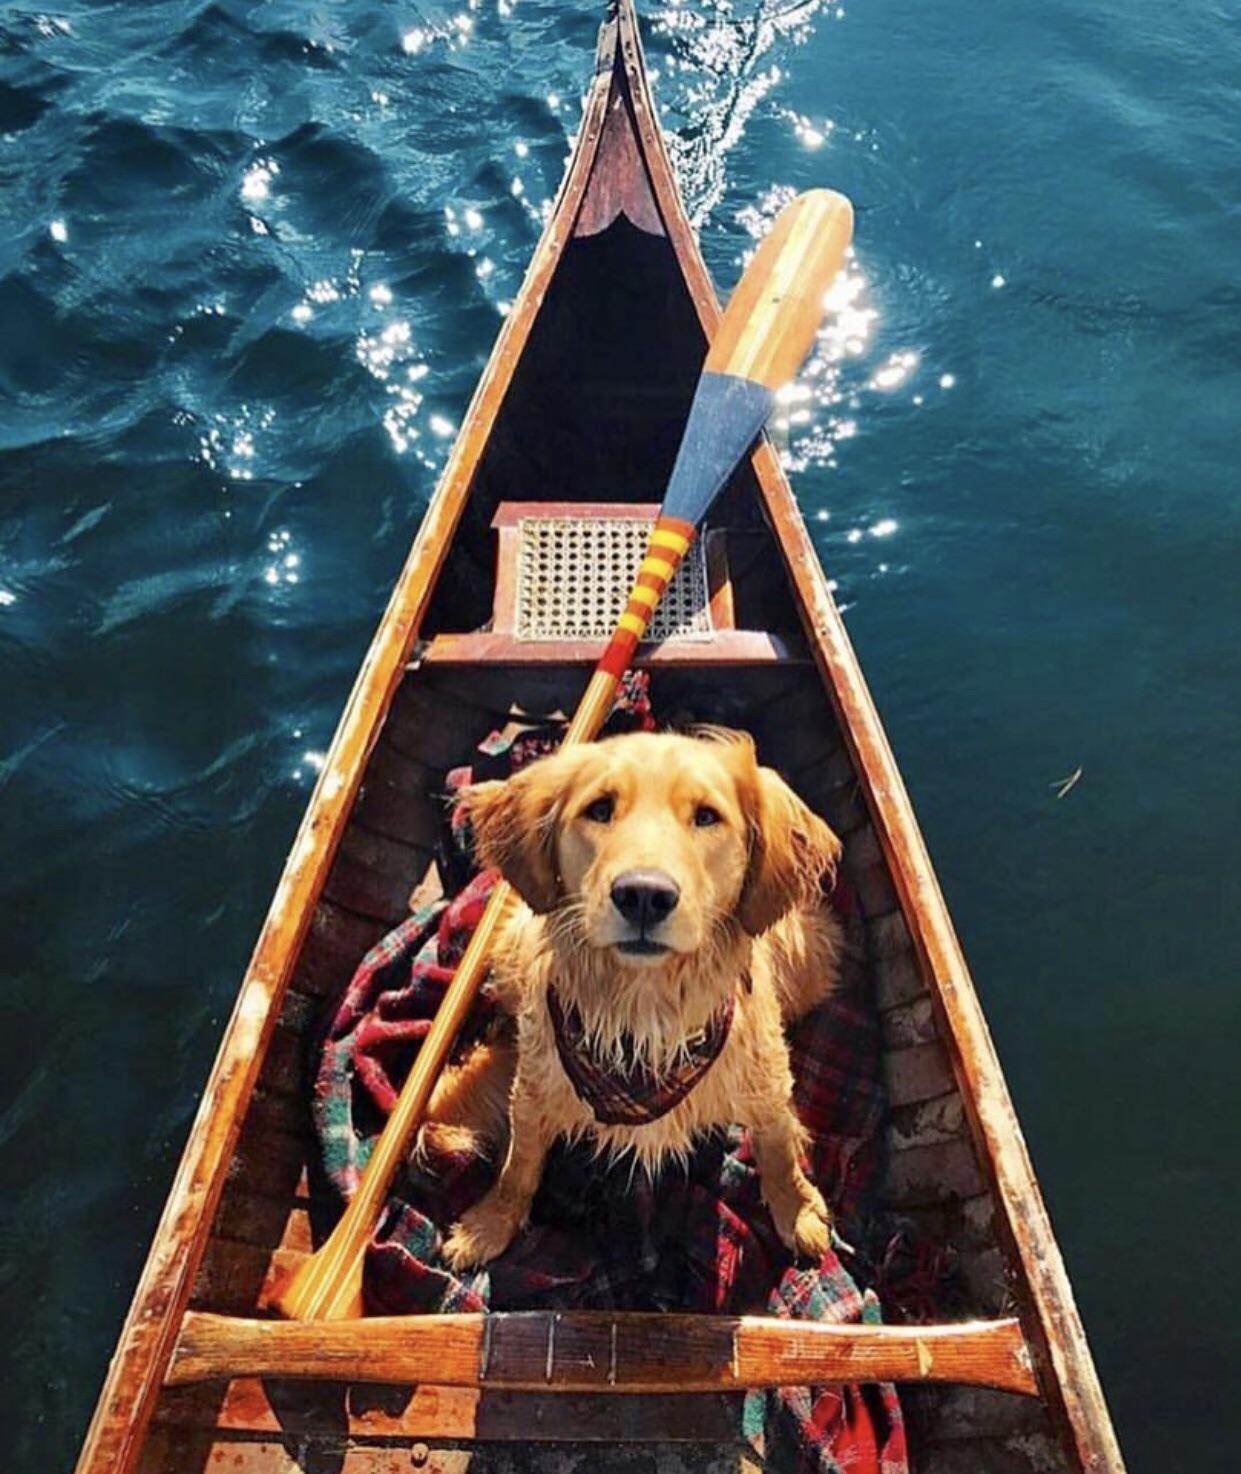 Bennie The Golden Retriever Http Ift Tt 2xujsih Dogs And